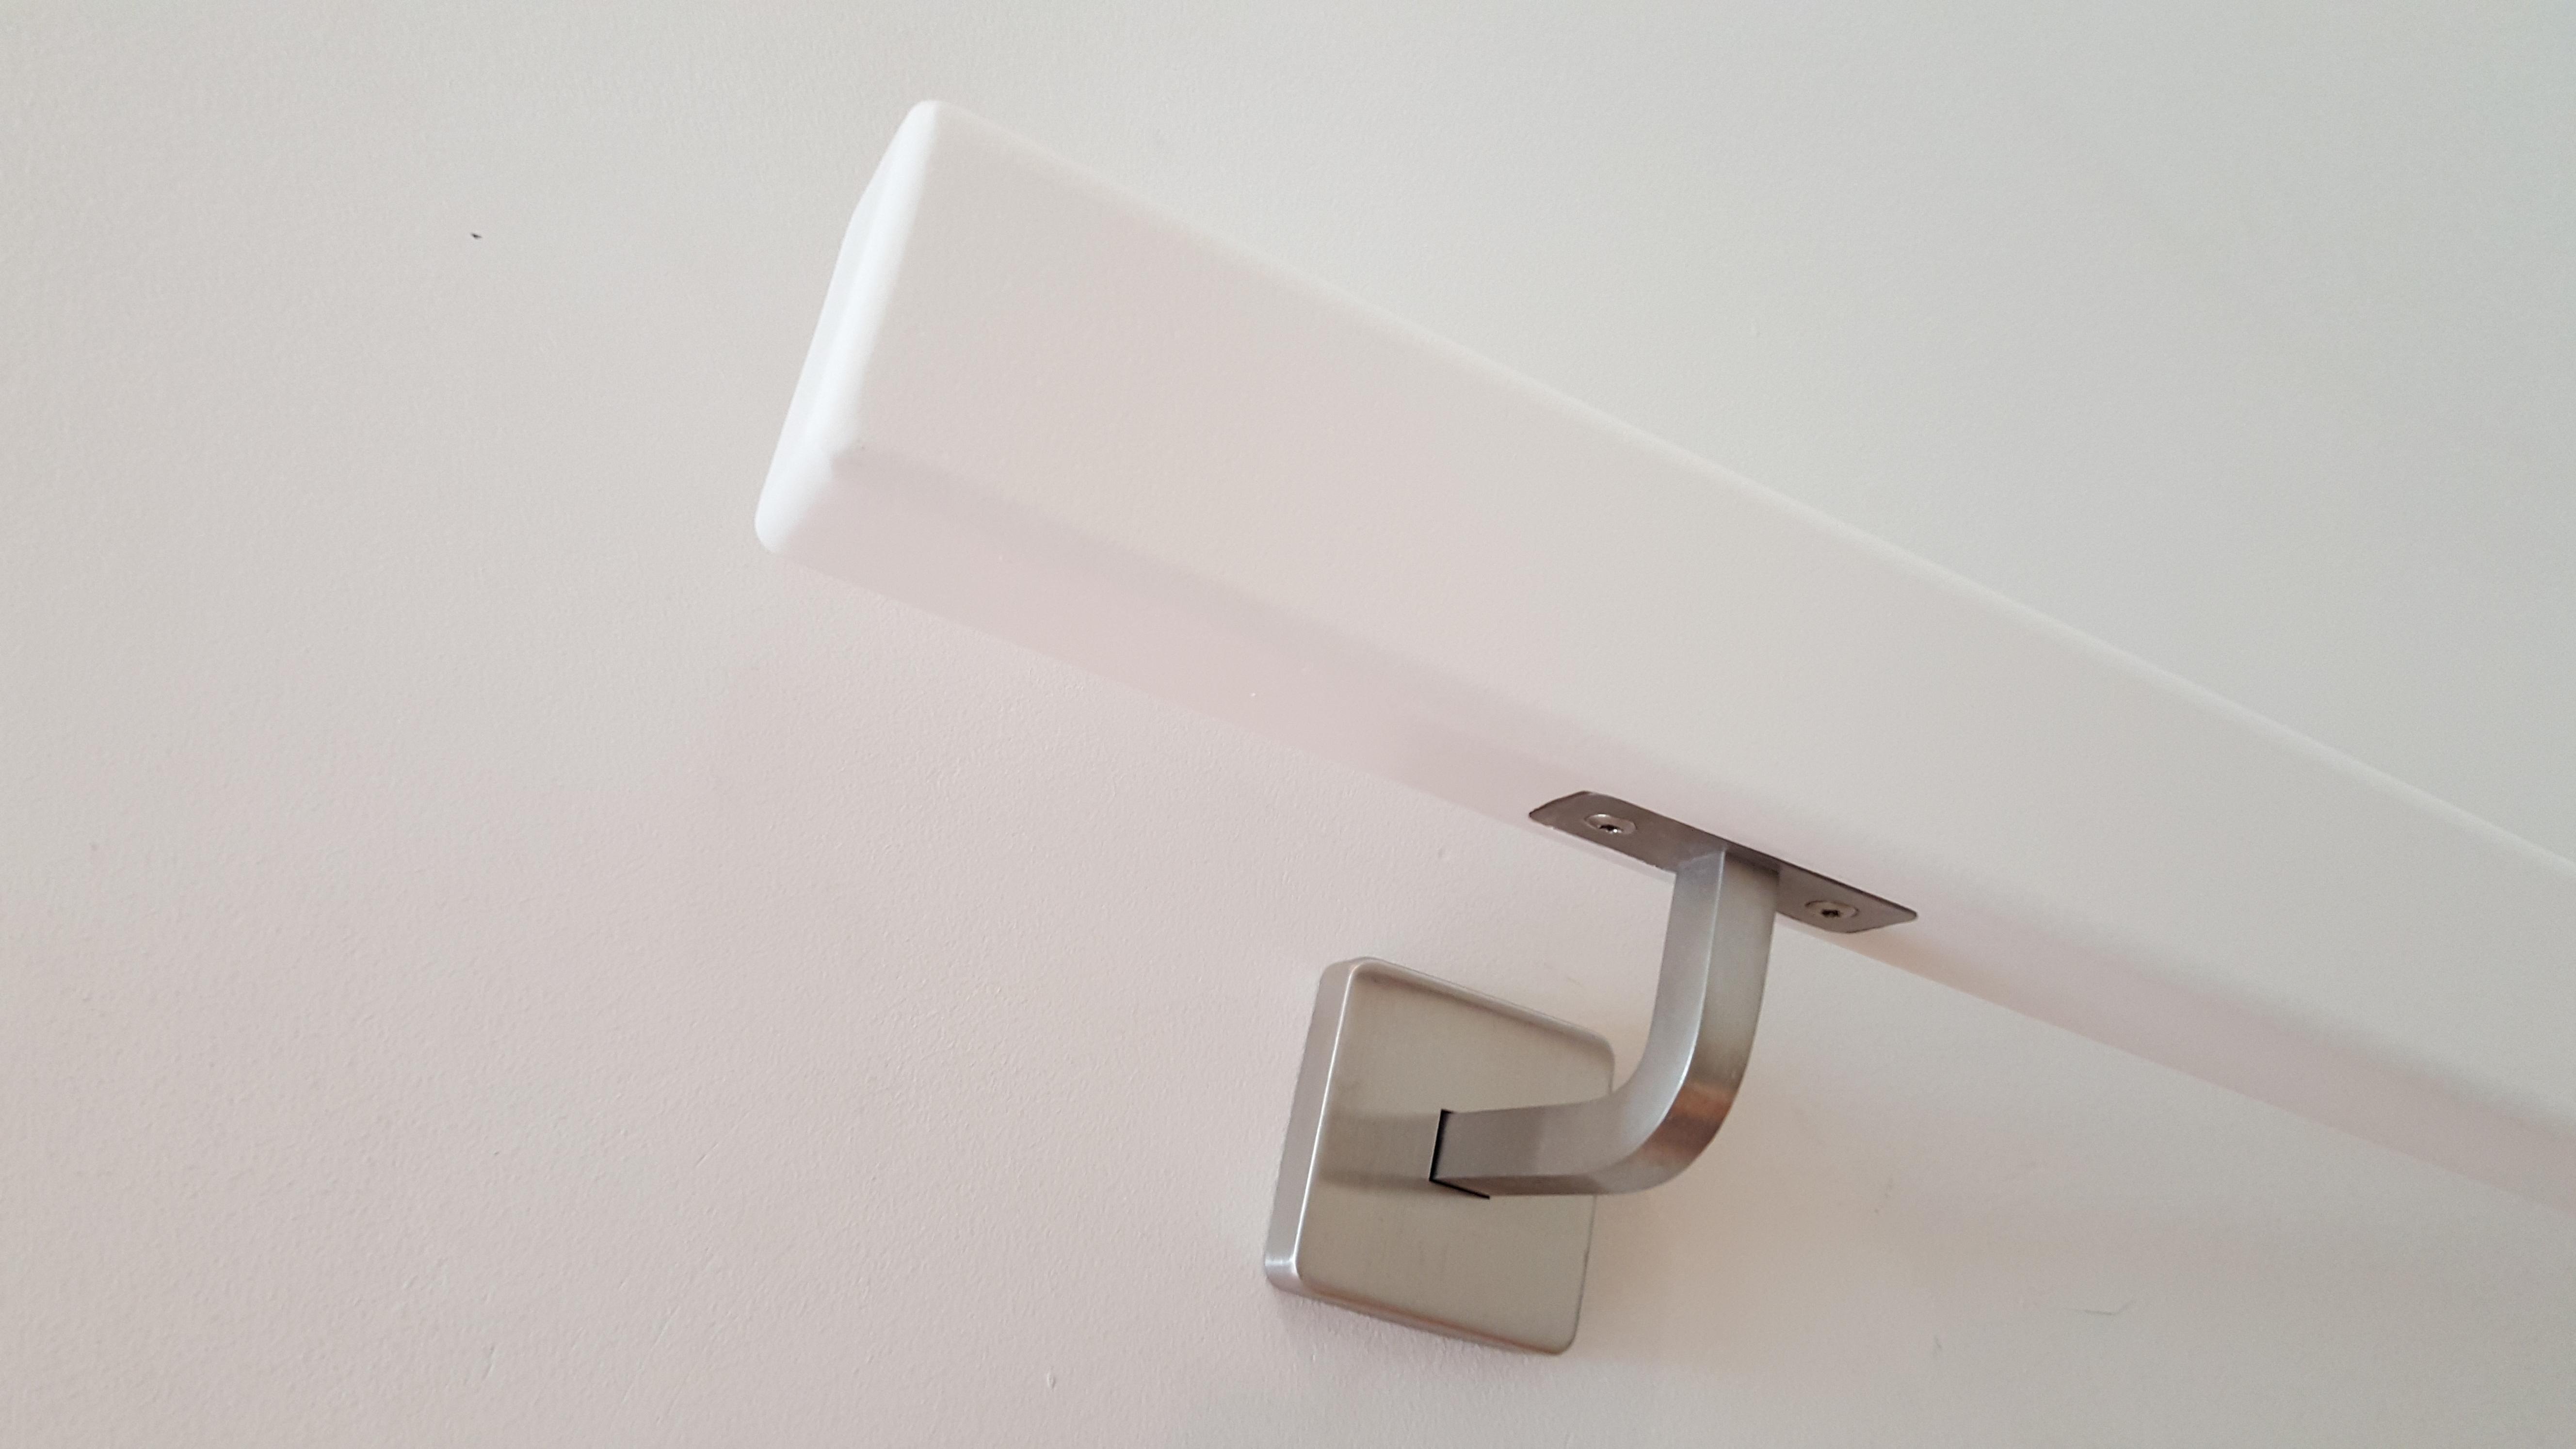 Rechteckhandlauf weiss 60 x 40 mm